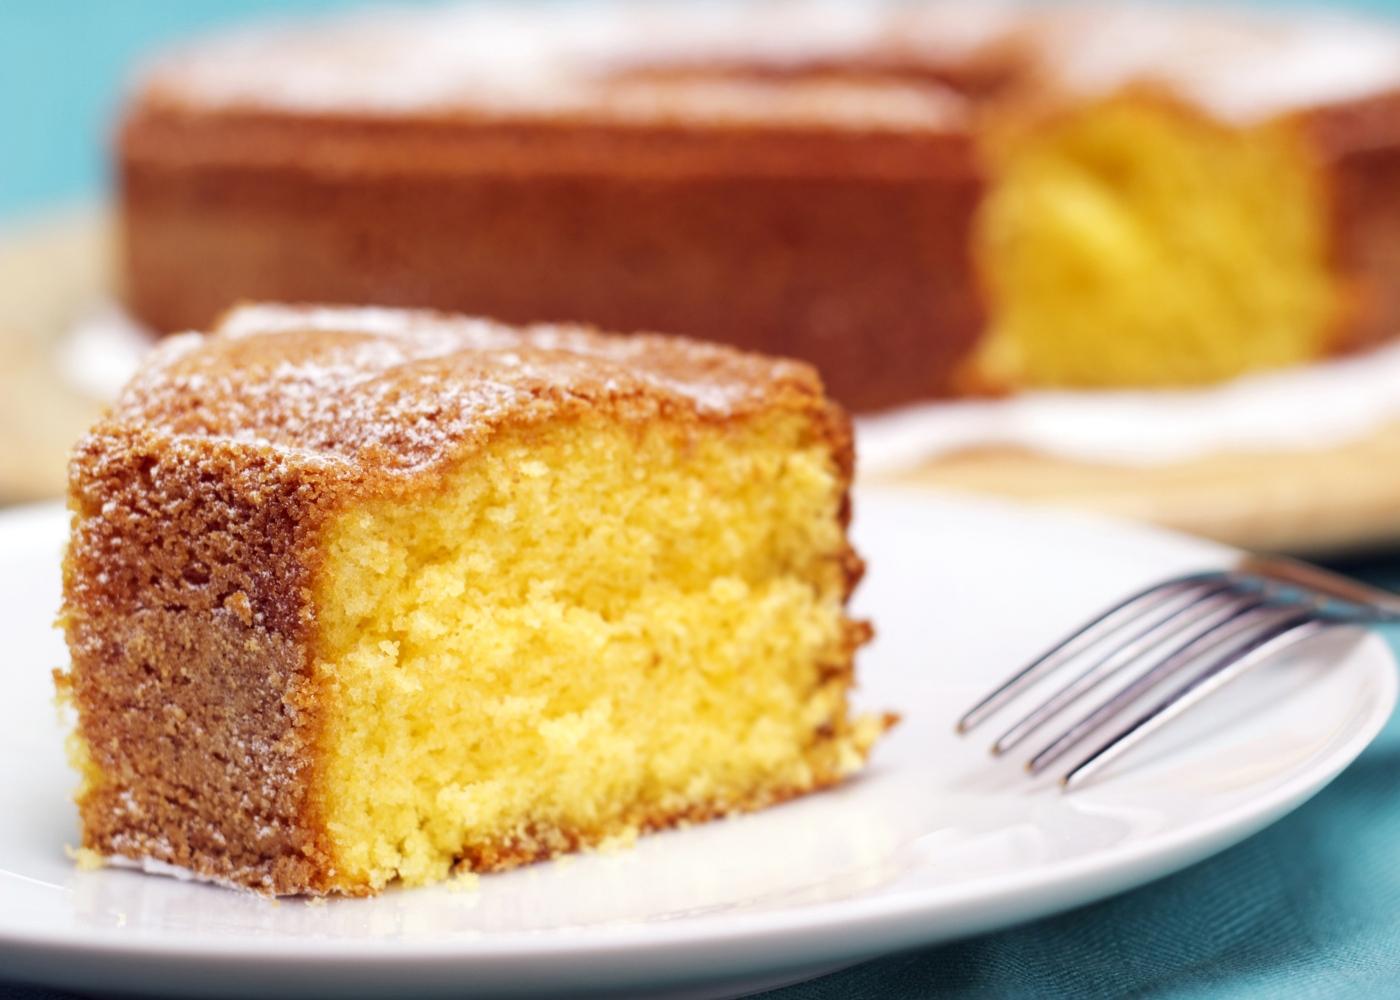 Receitas de bolos saudáveis para fazer com as crianças: bolo de iogurte